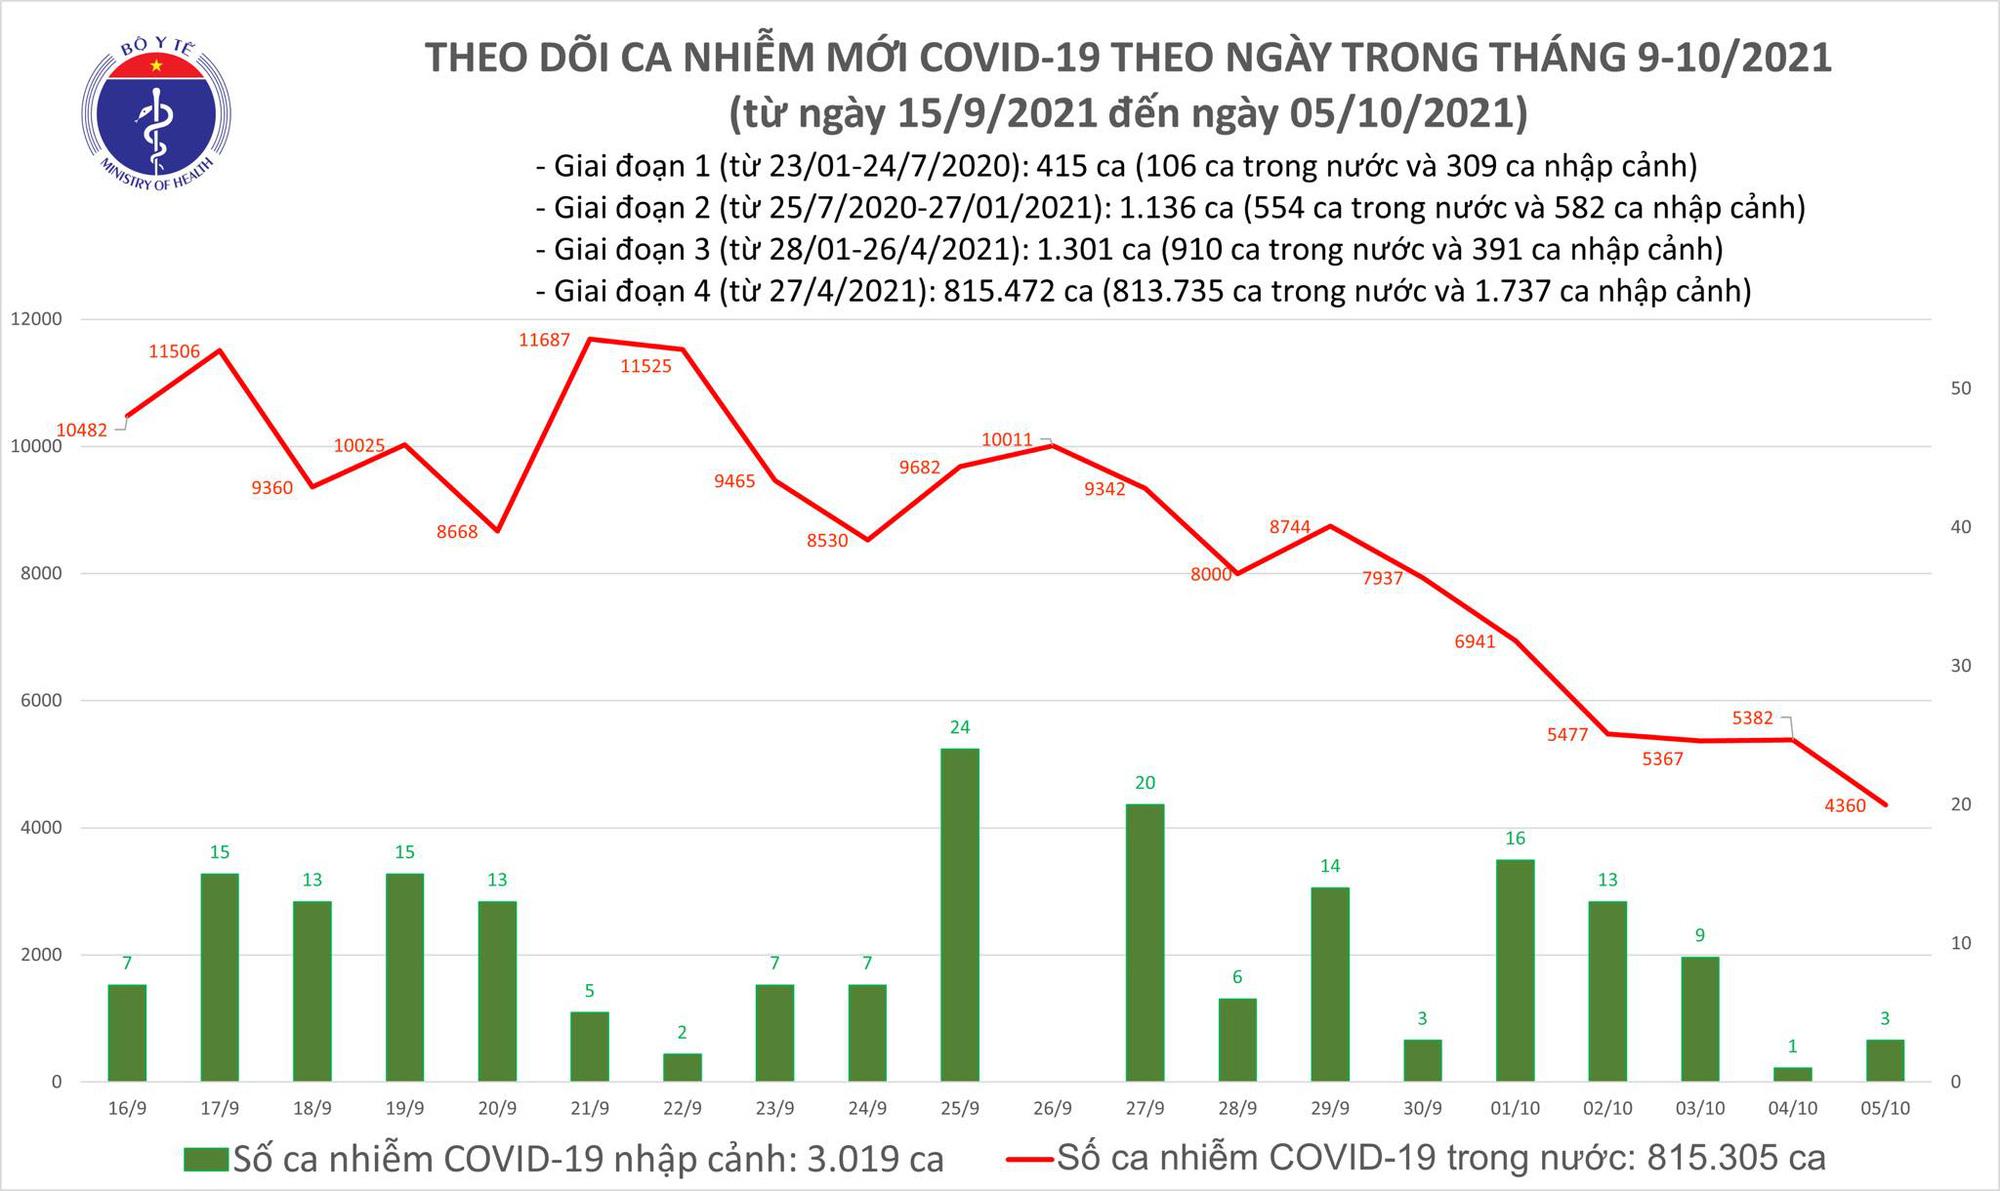 Ngày 5/10: Có 4.363 ca mắc COVID-19, thấp nhất trong khoảng 1,5 tháng qua - Ảnh 2.